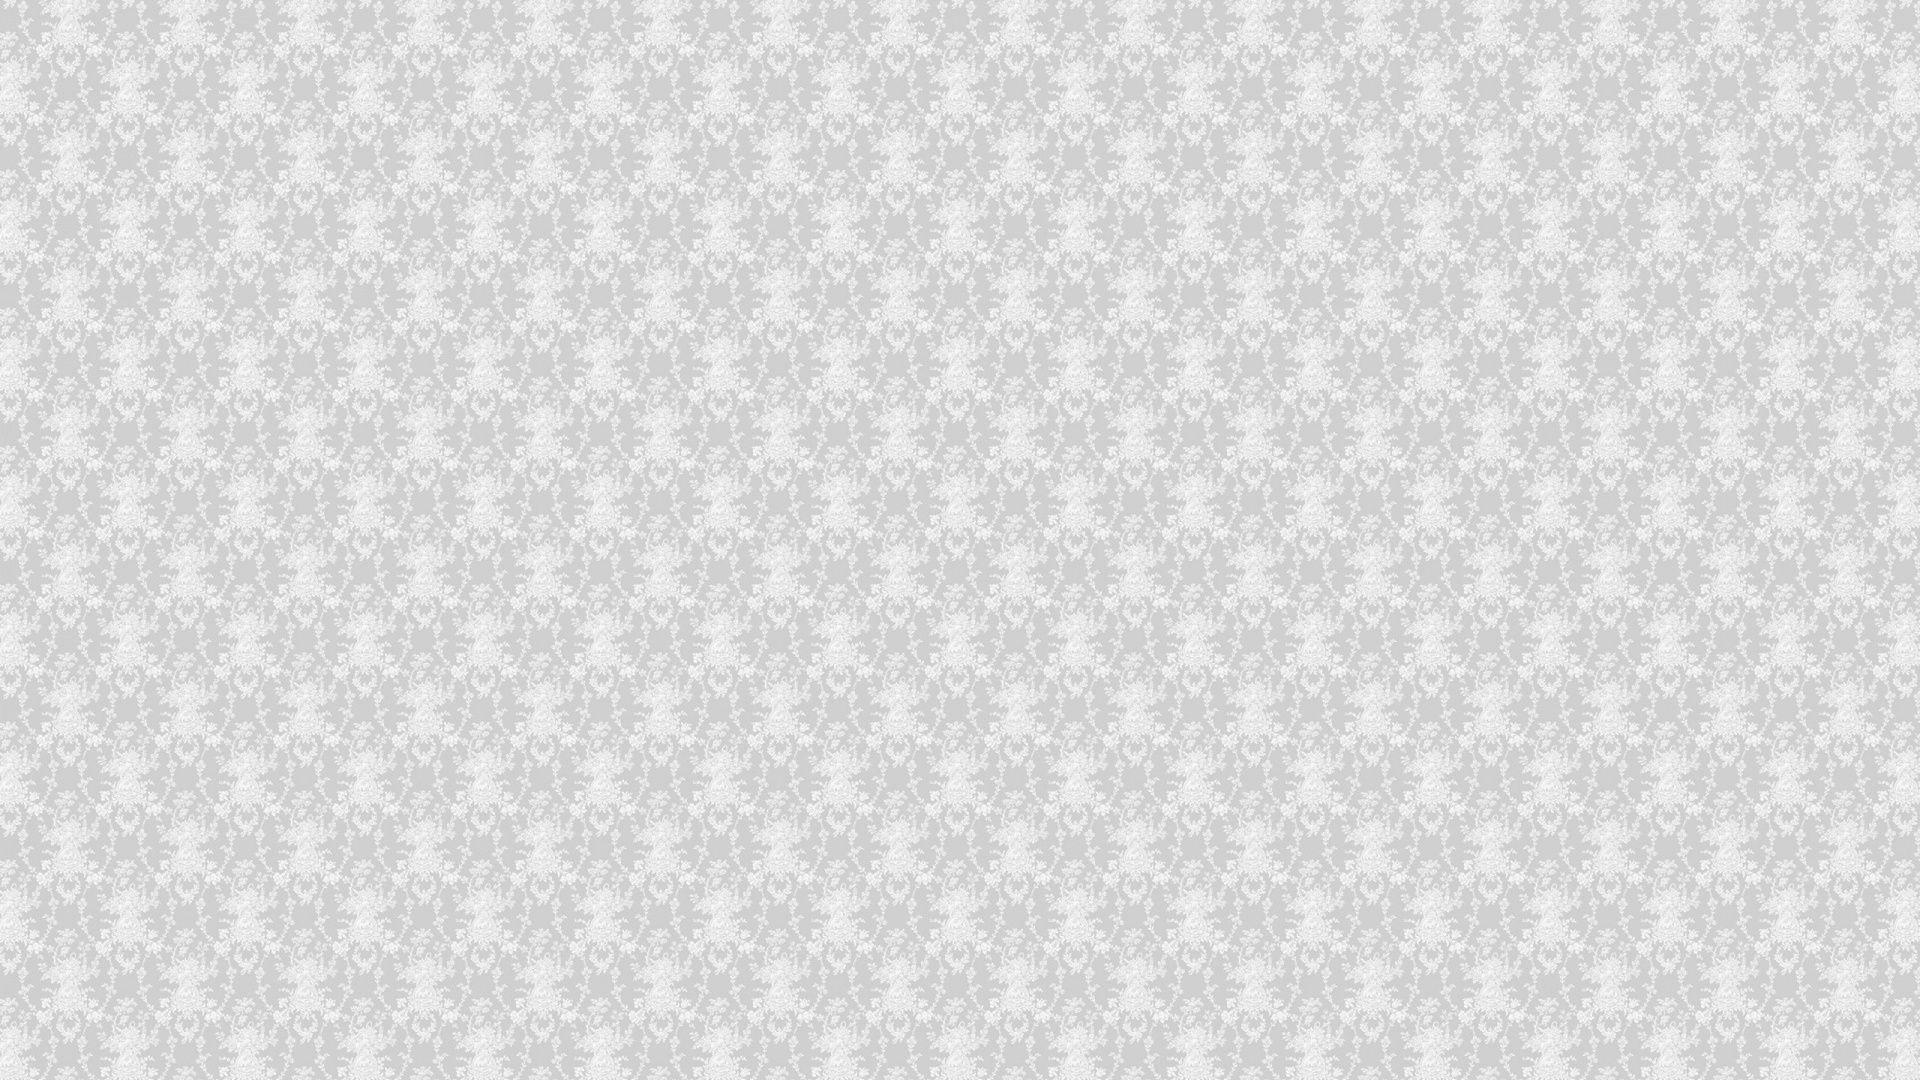 24 Website Background Textures Wallpaperboat